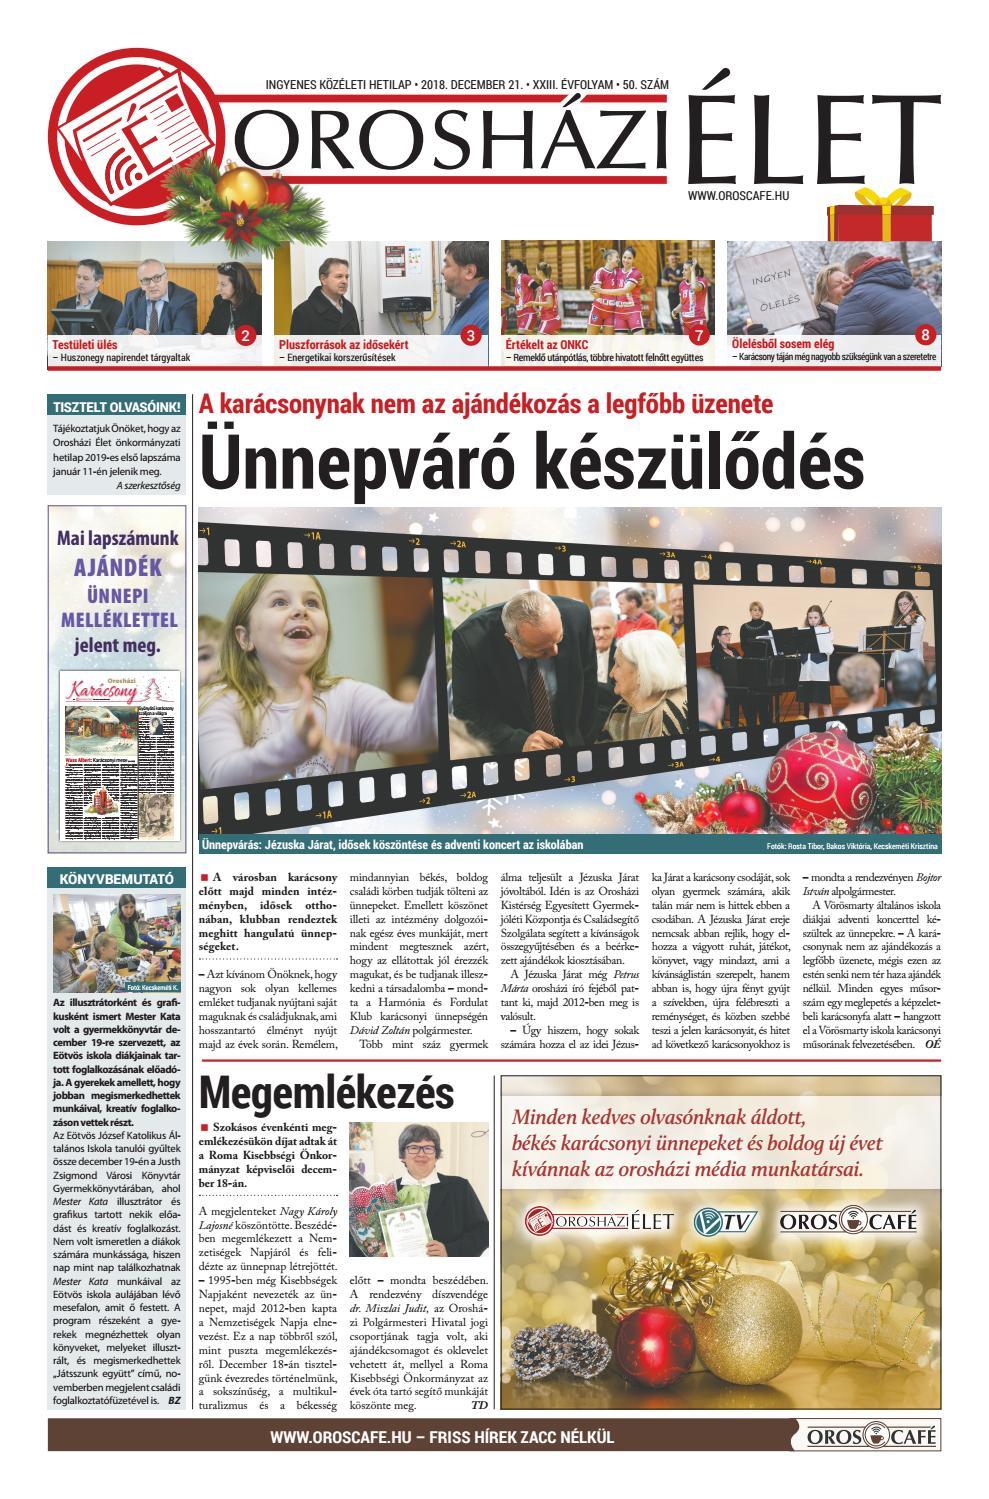 9c754b844a 2018.12.21/50. szám Orosházi Élet by OrosCafé - issuu